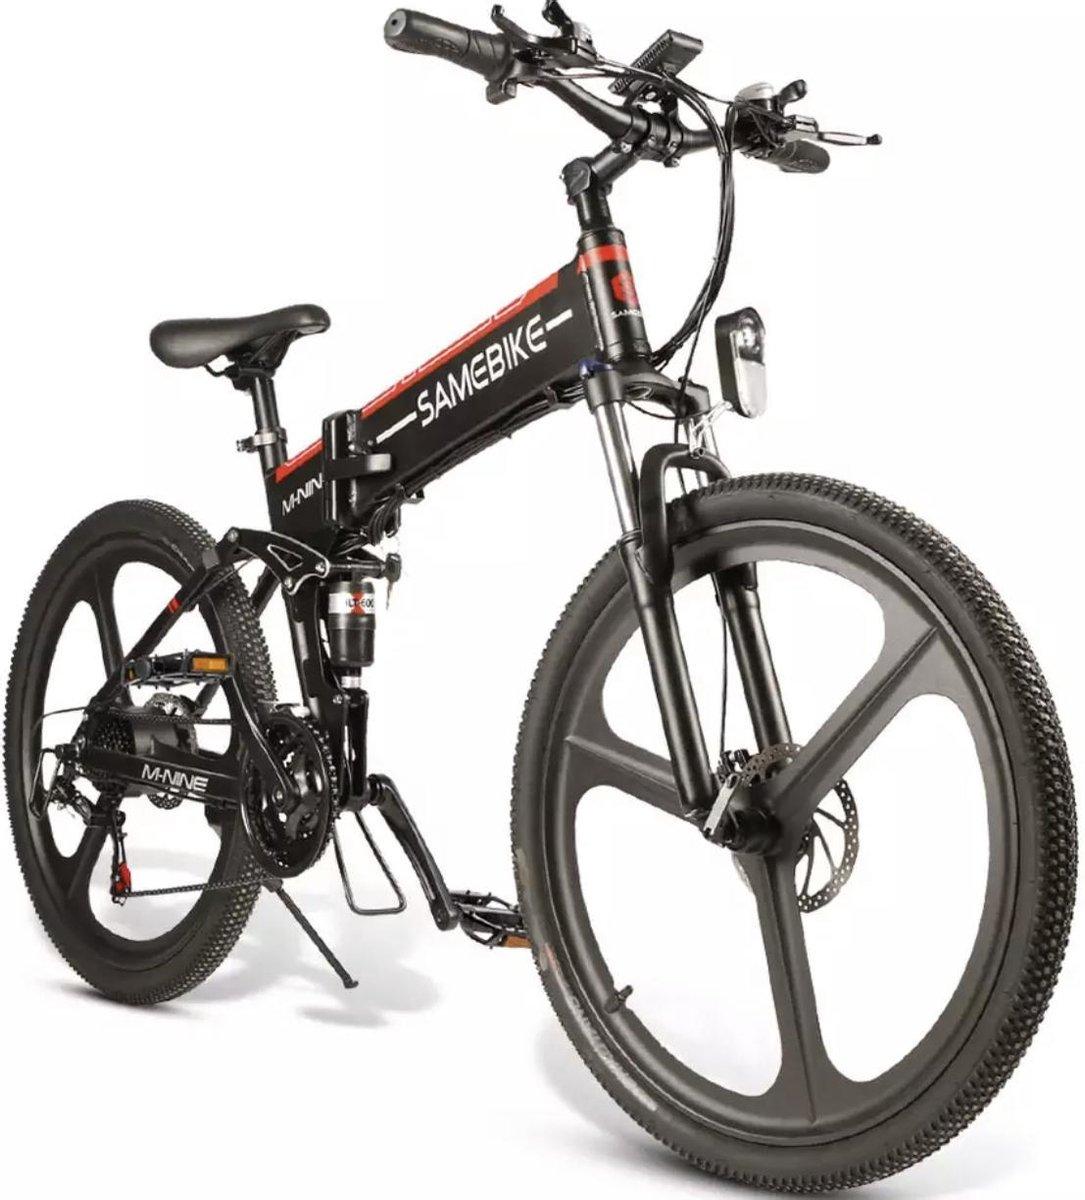 Matrix E Bike - SAMEBIKE - Elektrische Fiets - LO26 10.04 AH 48V 350W